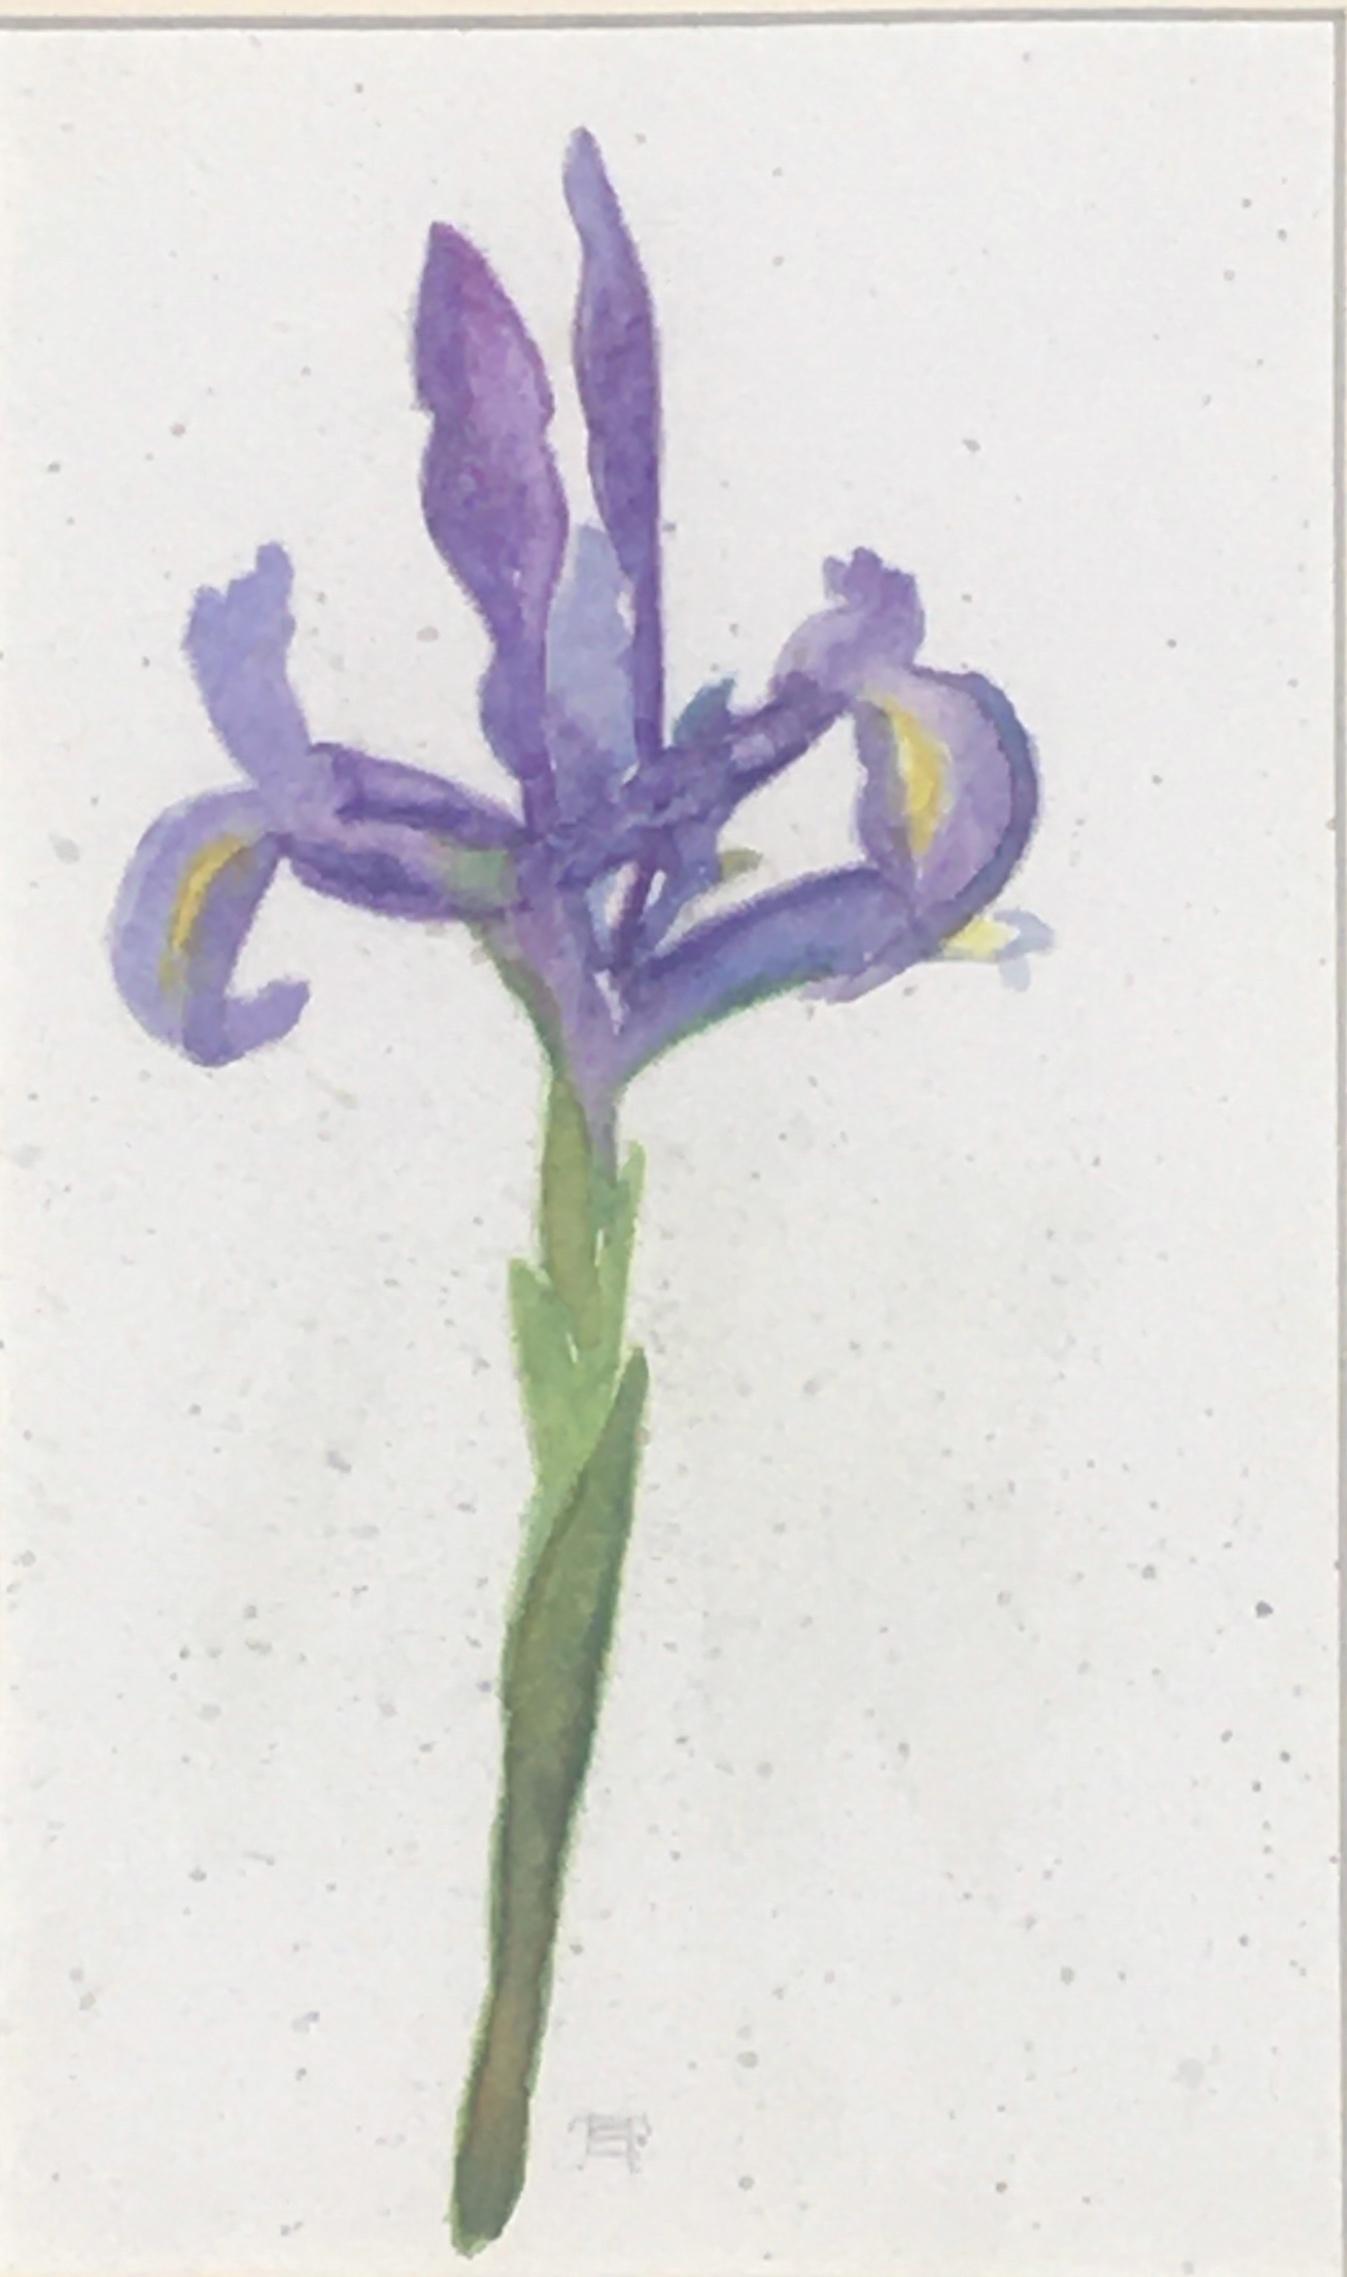 Solitary Iris